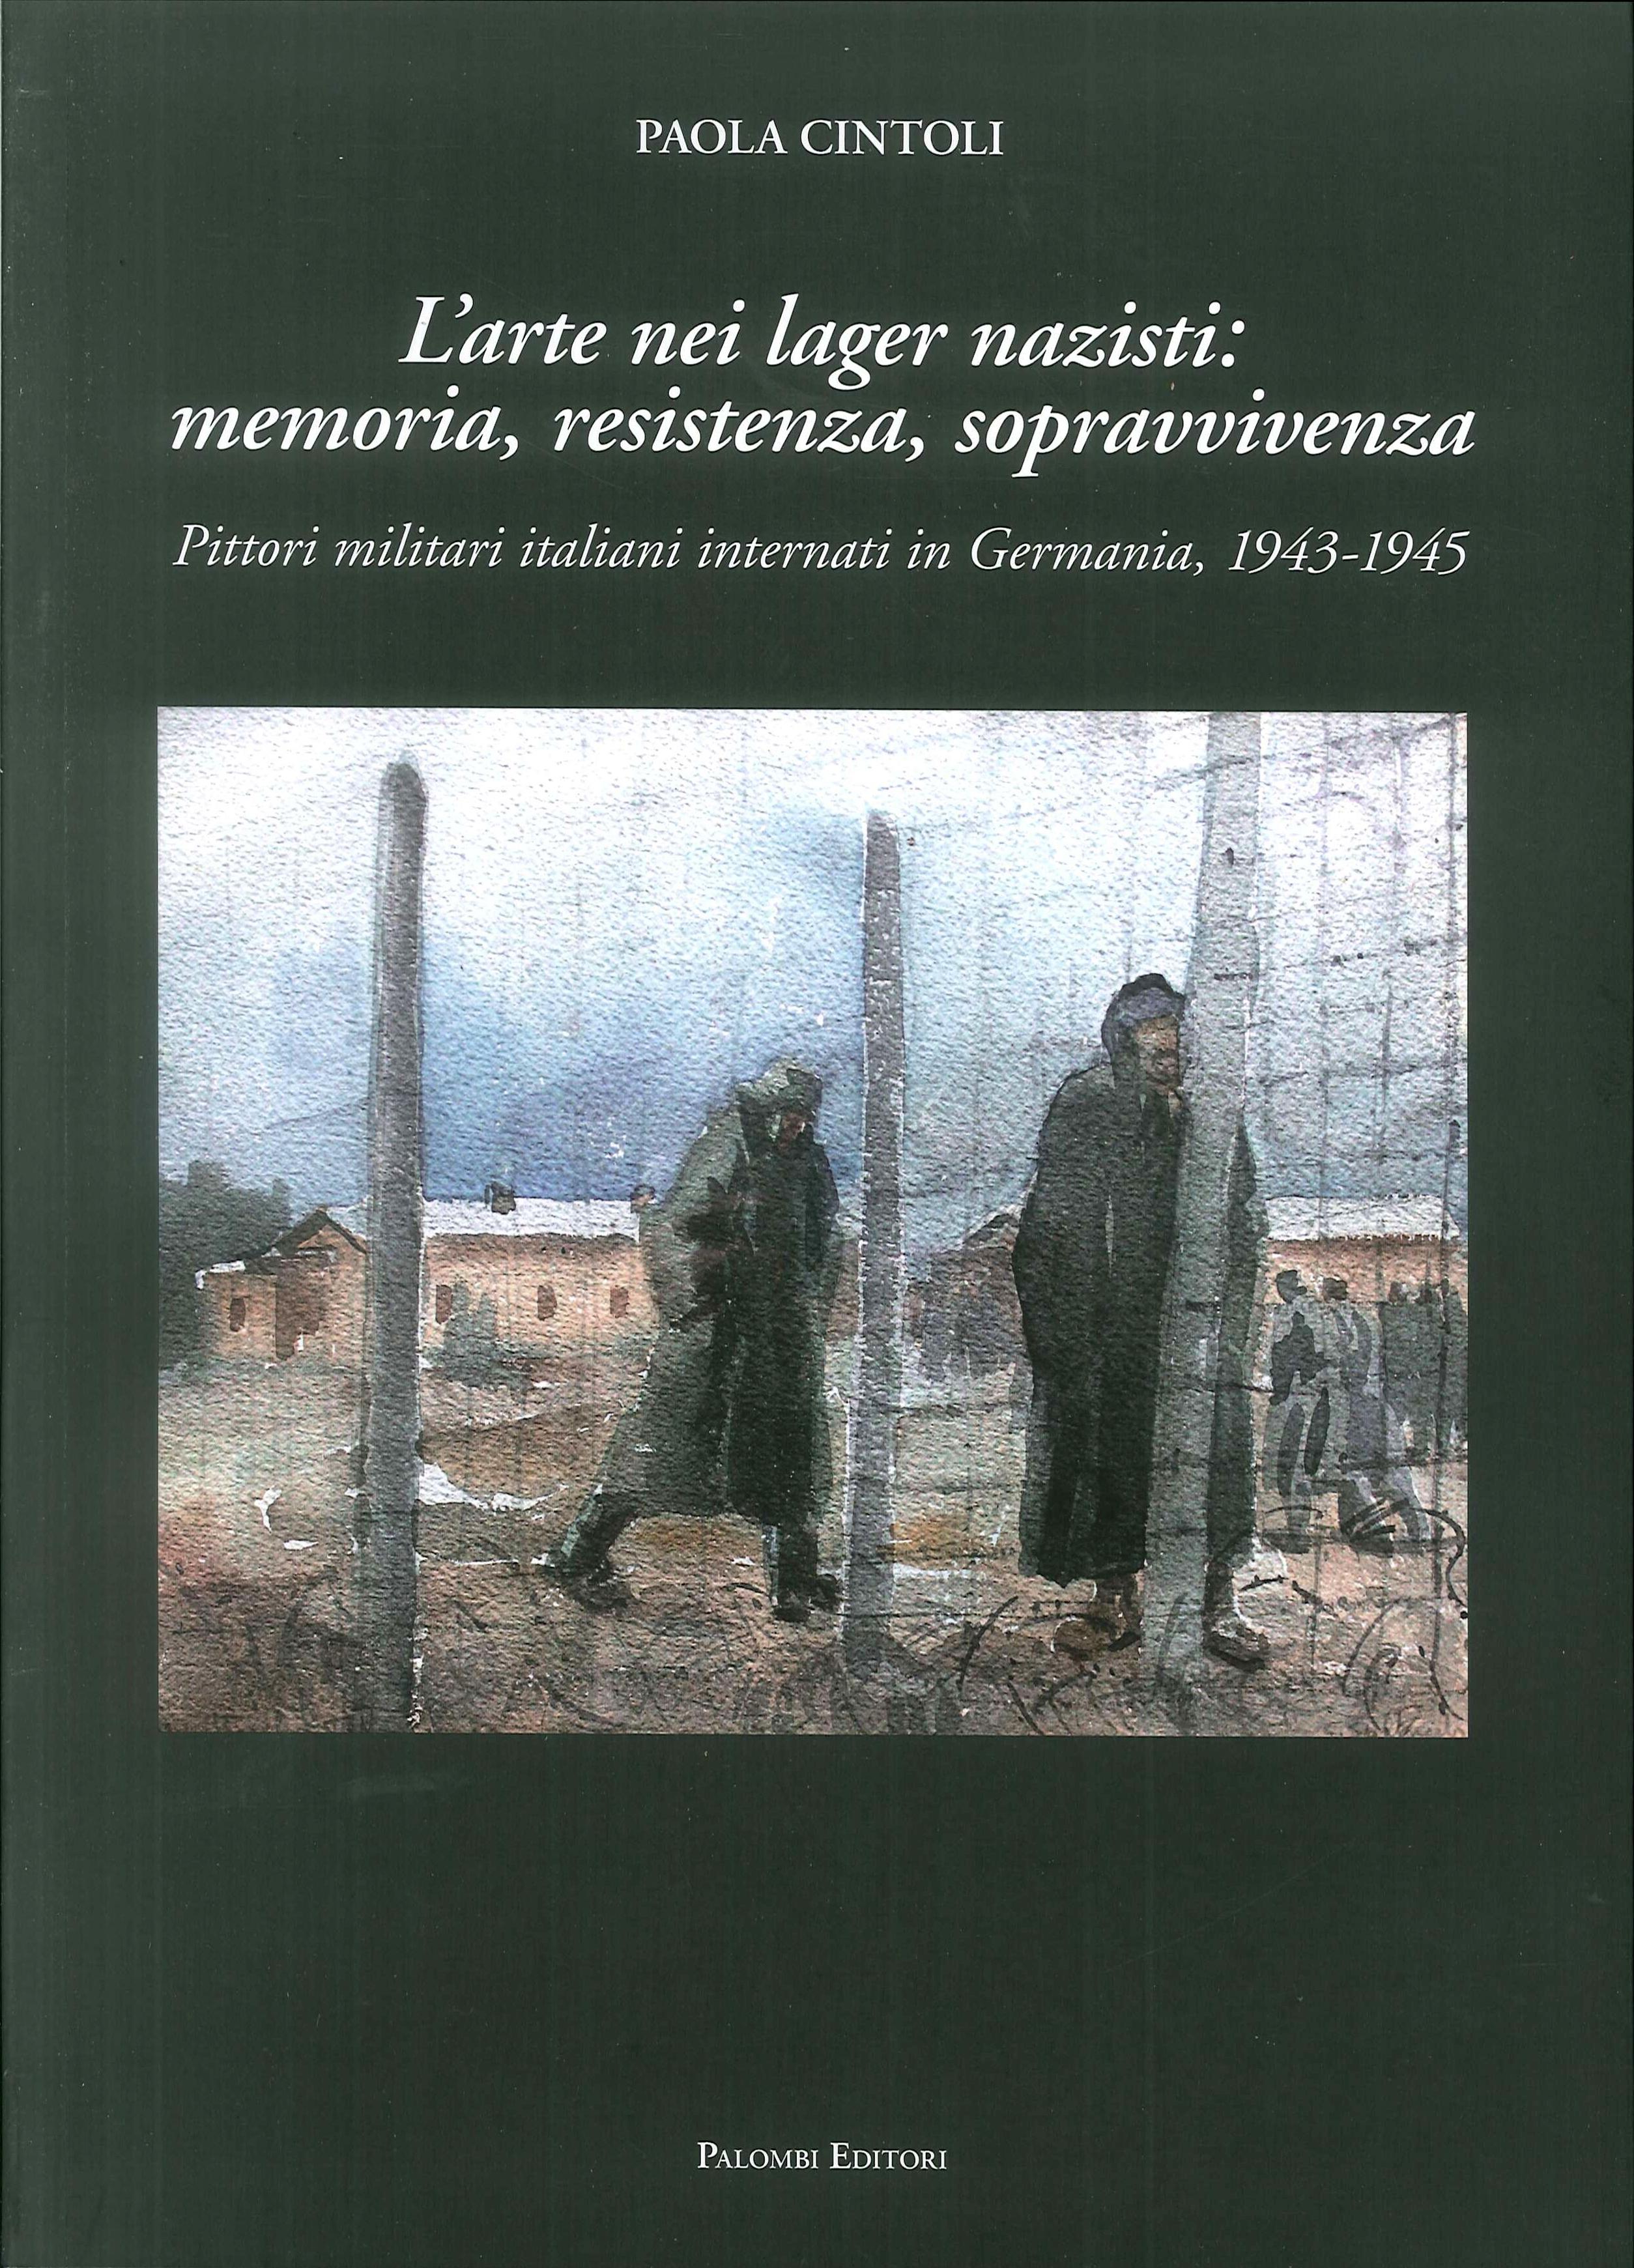 L'Arte nei Lager Nazisti: memoria, resistenza, sopravvivenza. Pittori militari italiani internati in Germania, 1943-1945.